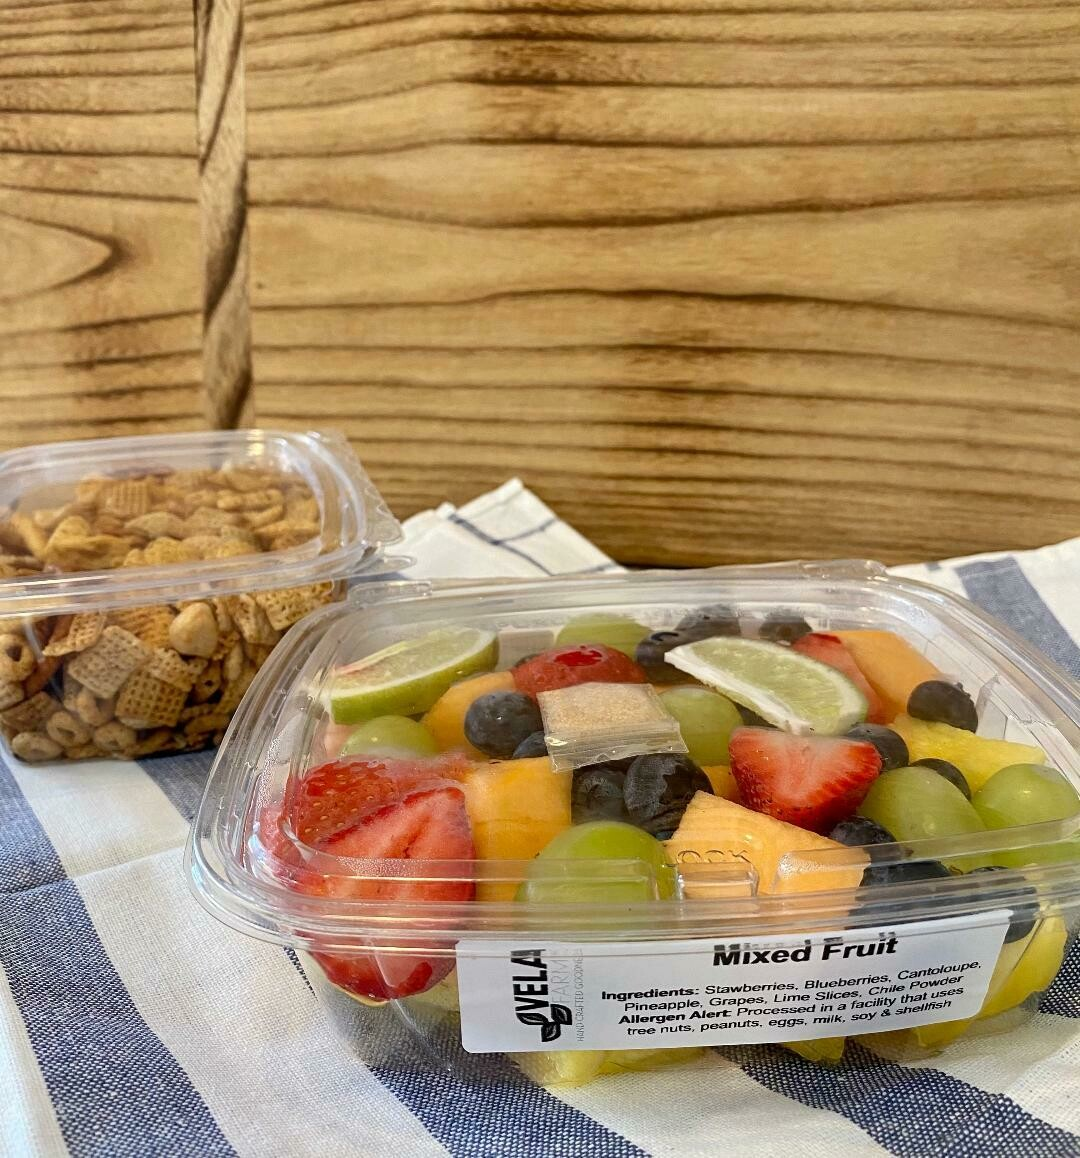 Mixed Fresh Fruit (Fresh)*